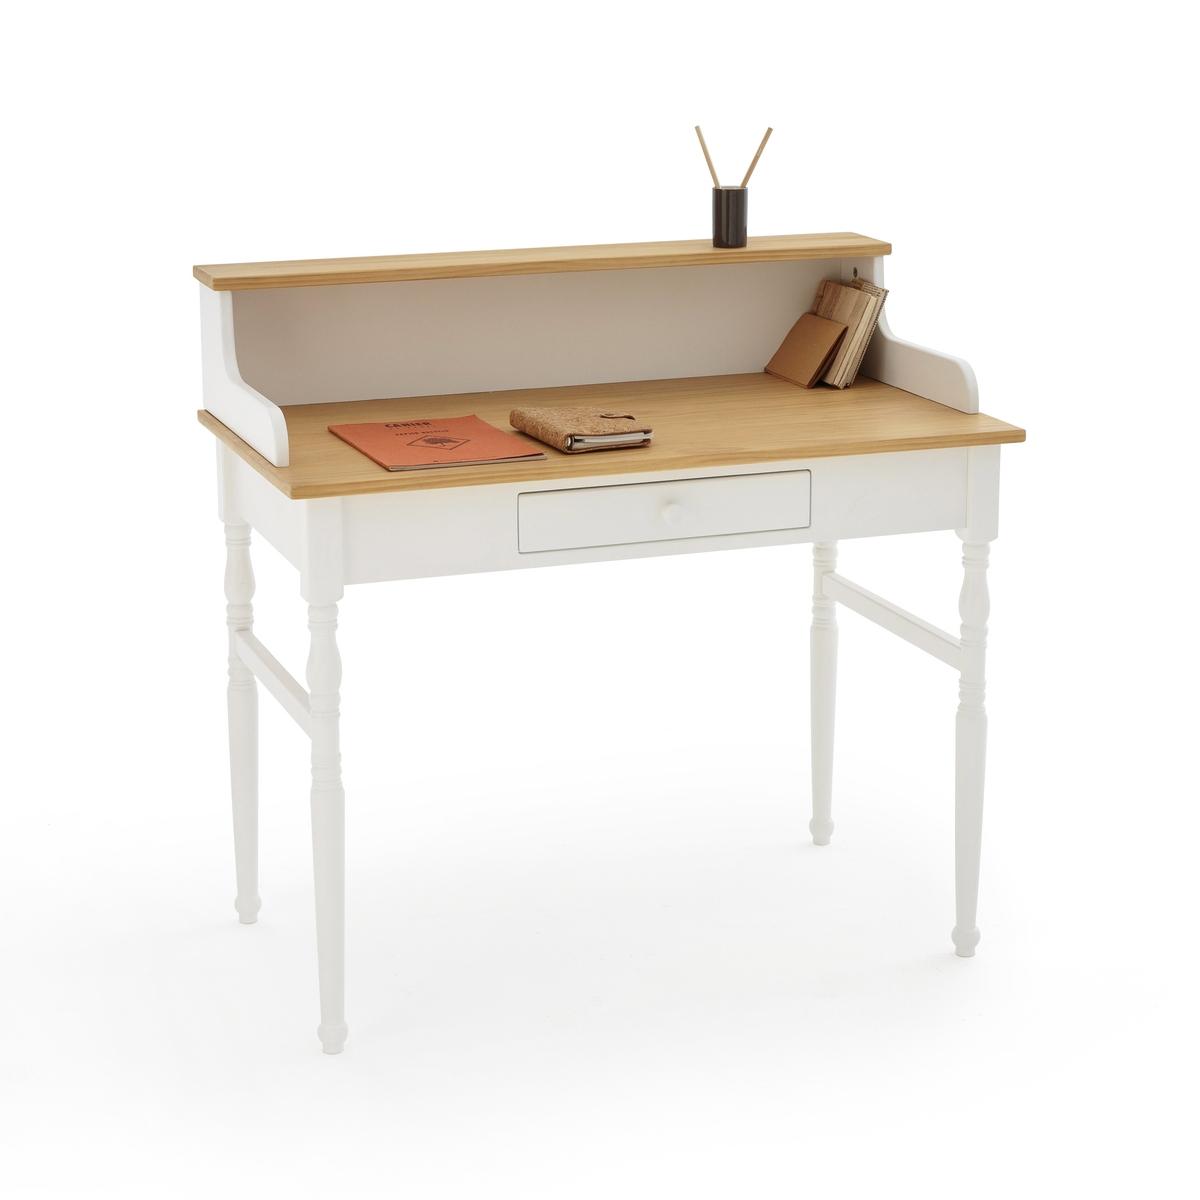 Стол La Redoute Письменный из массива сосны с надставкой ALVINA единый размер белый консоль la redoute с ящиком из массива сосны alvina единый размер белый